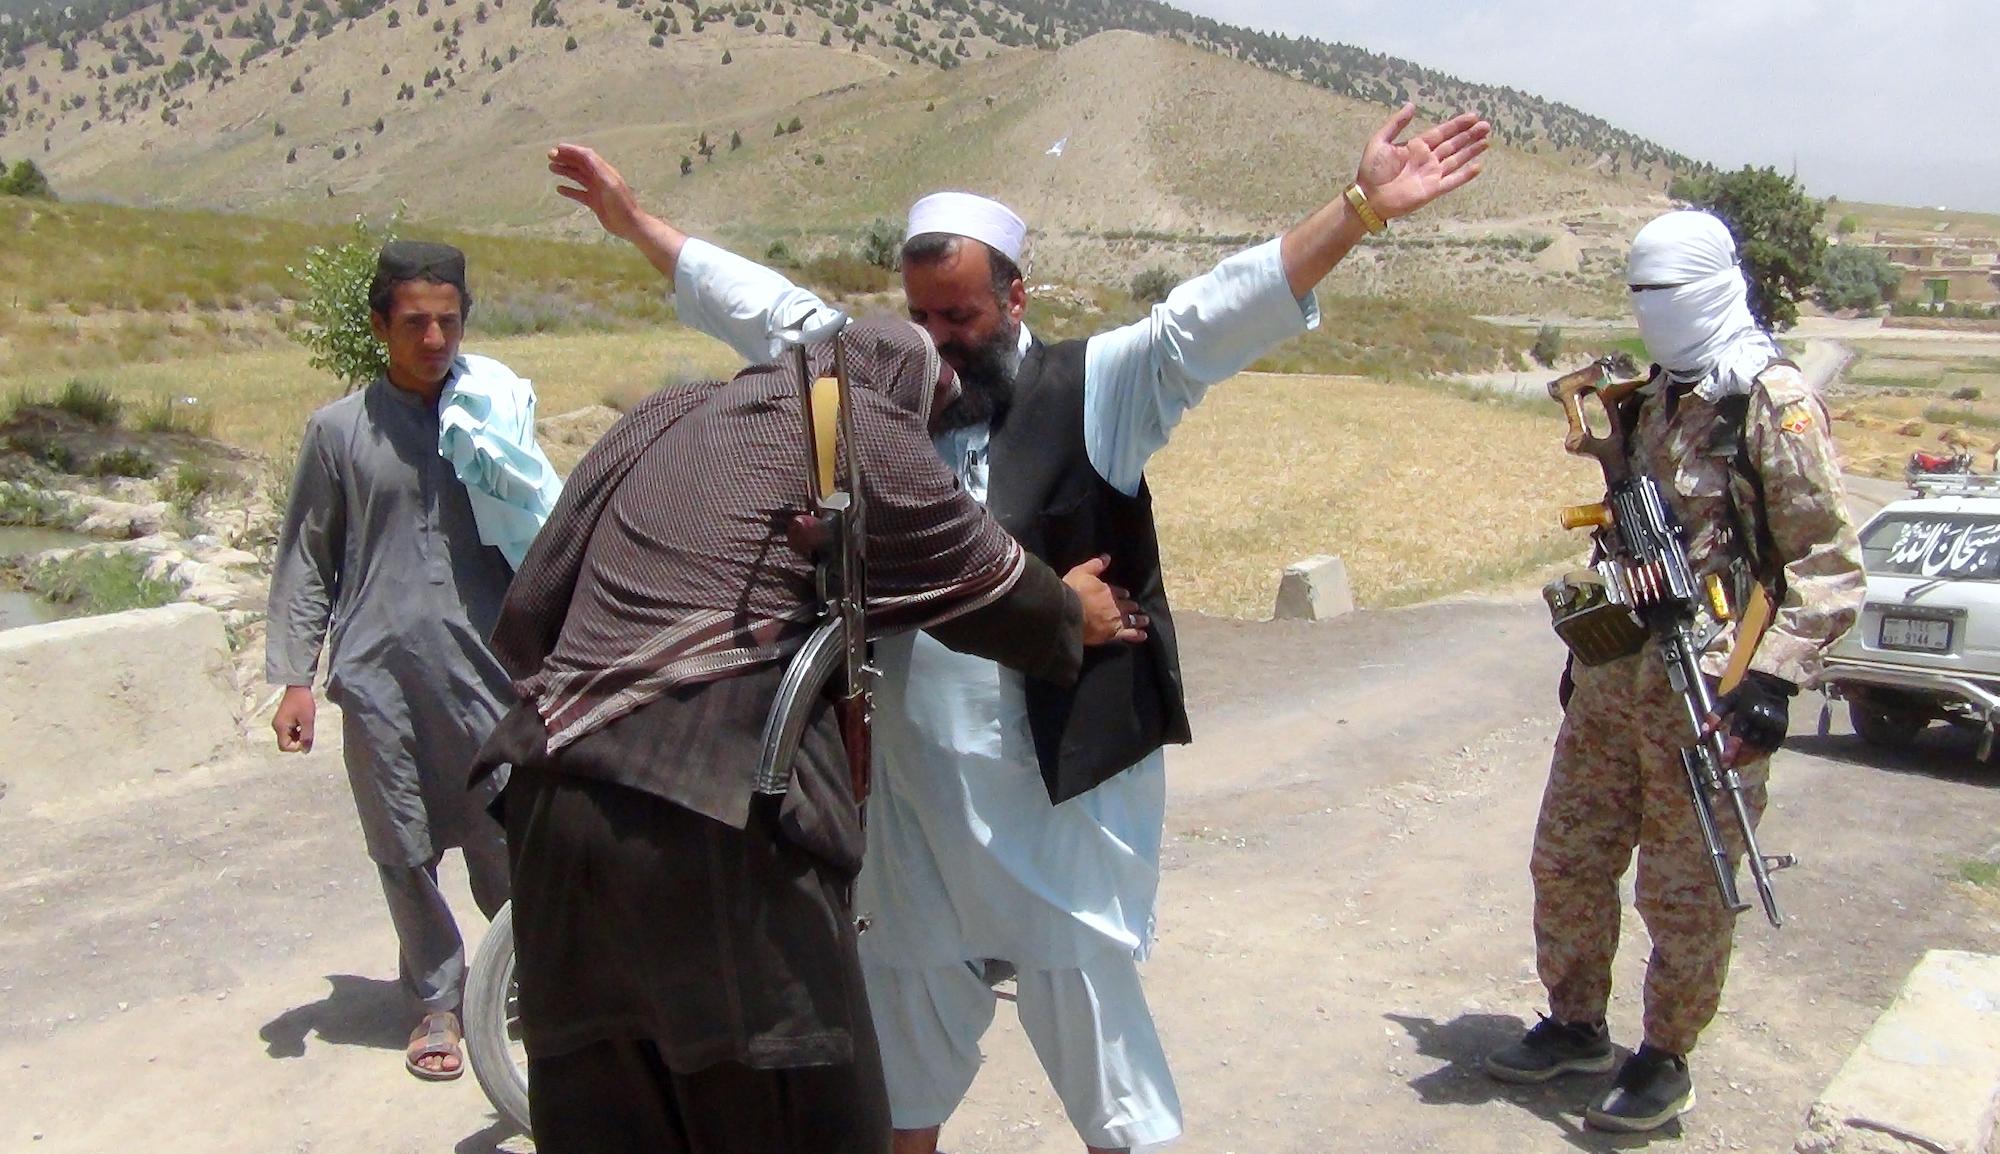 نیروهای افغان شاهراه ها را در برابر اخاذی طالبان برای دریافت «مالیه گمرگی» ایمن می کنند